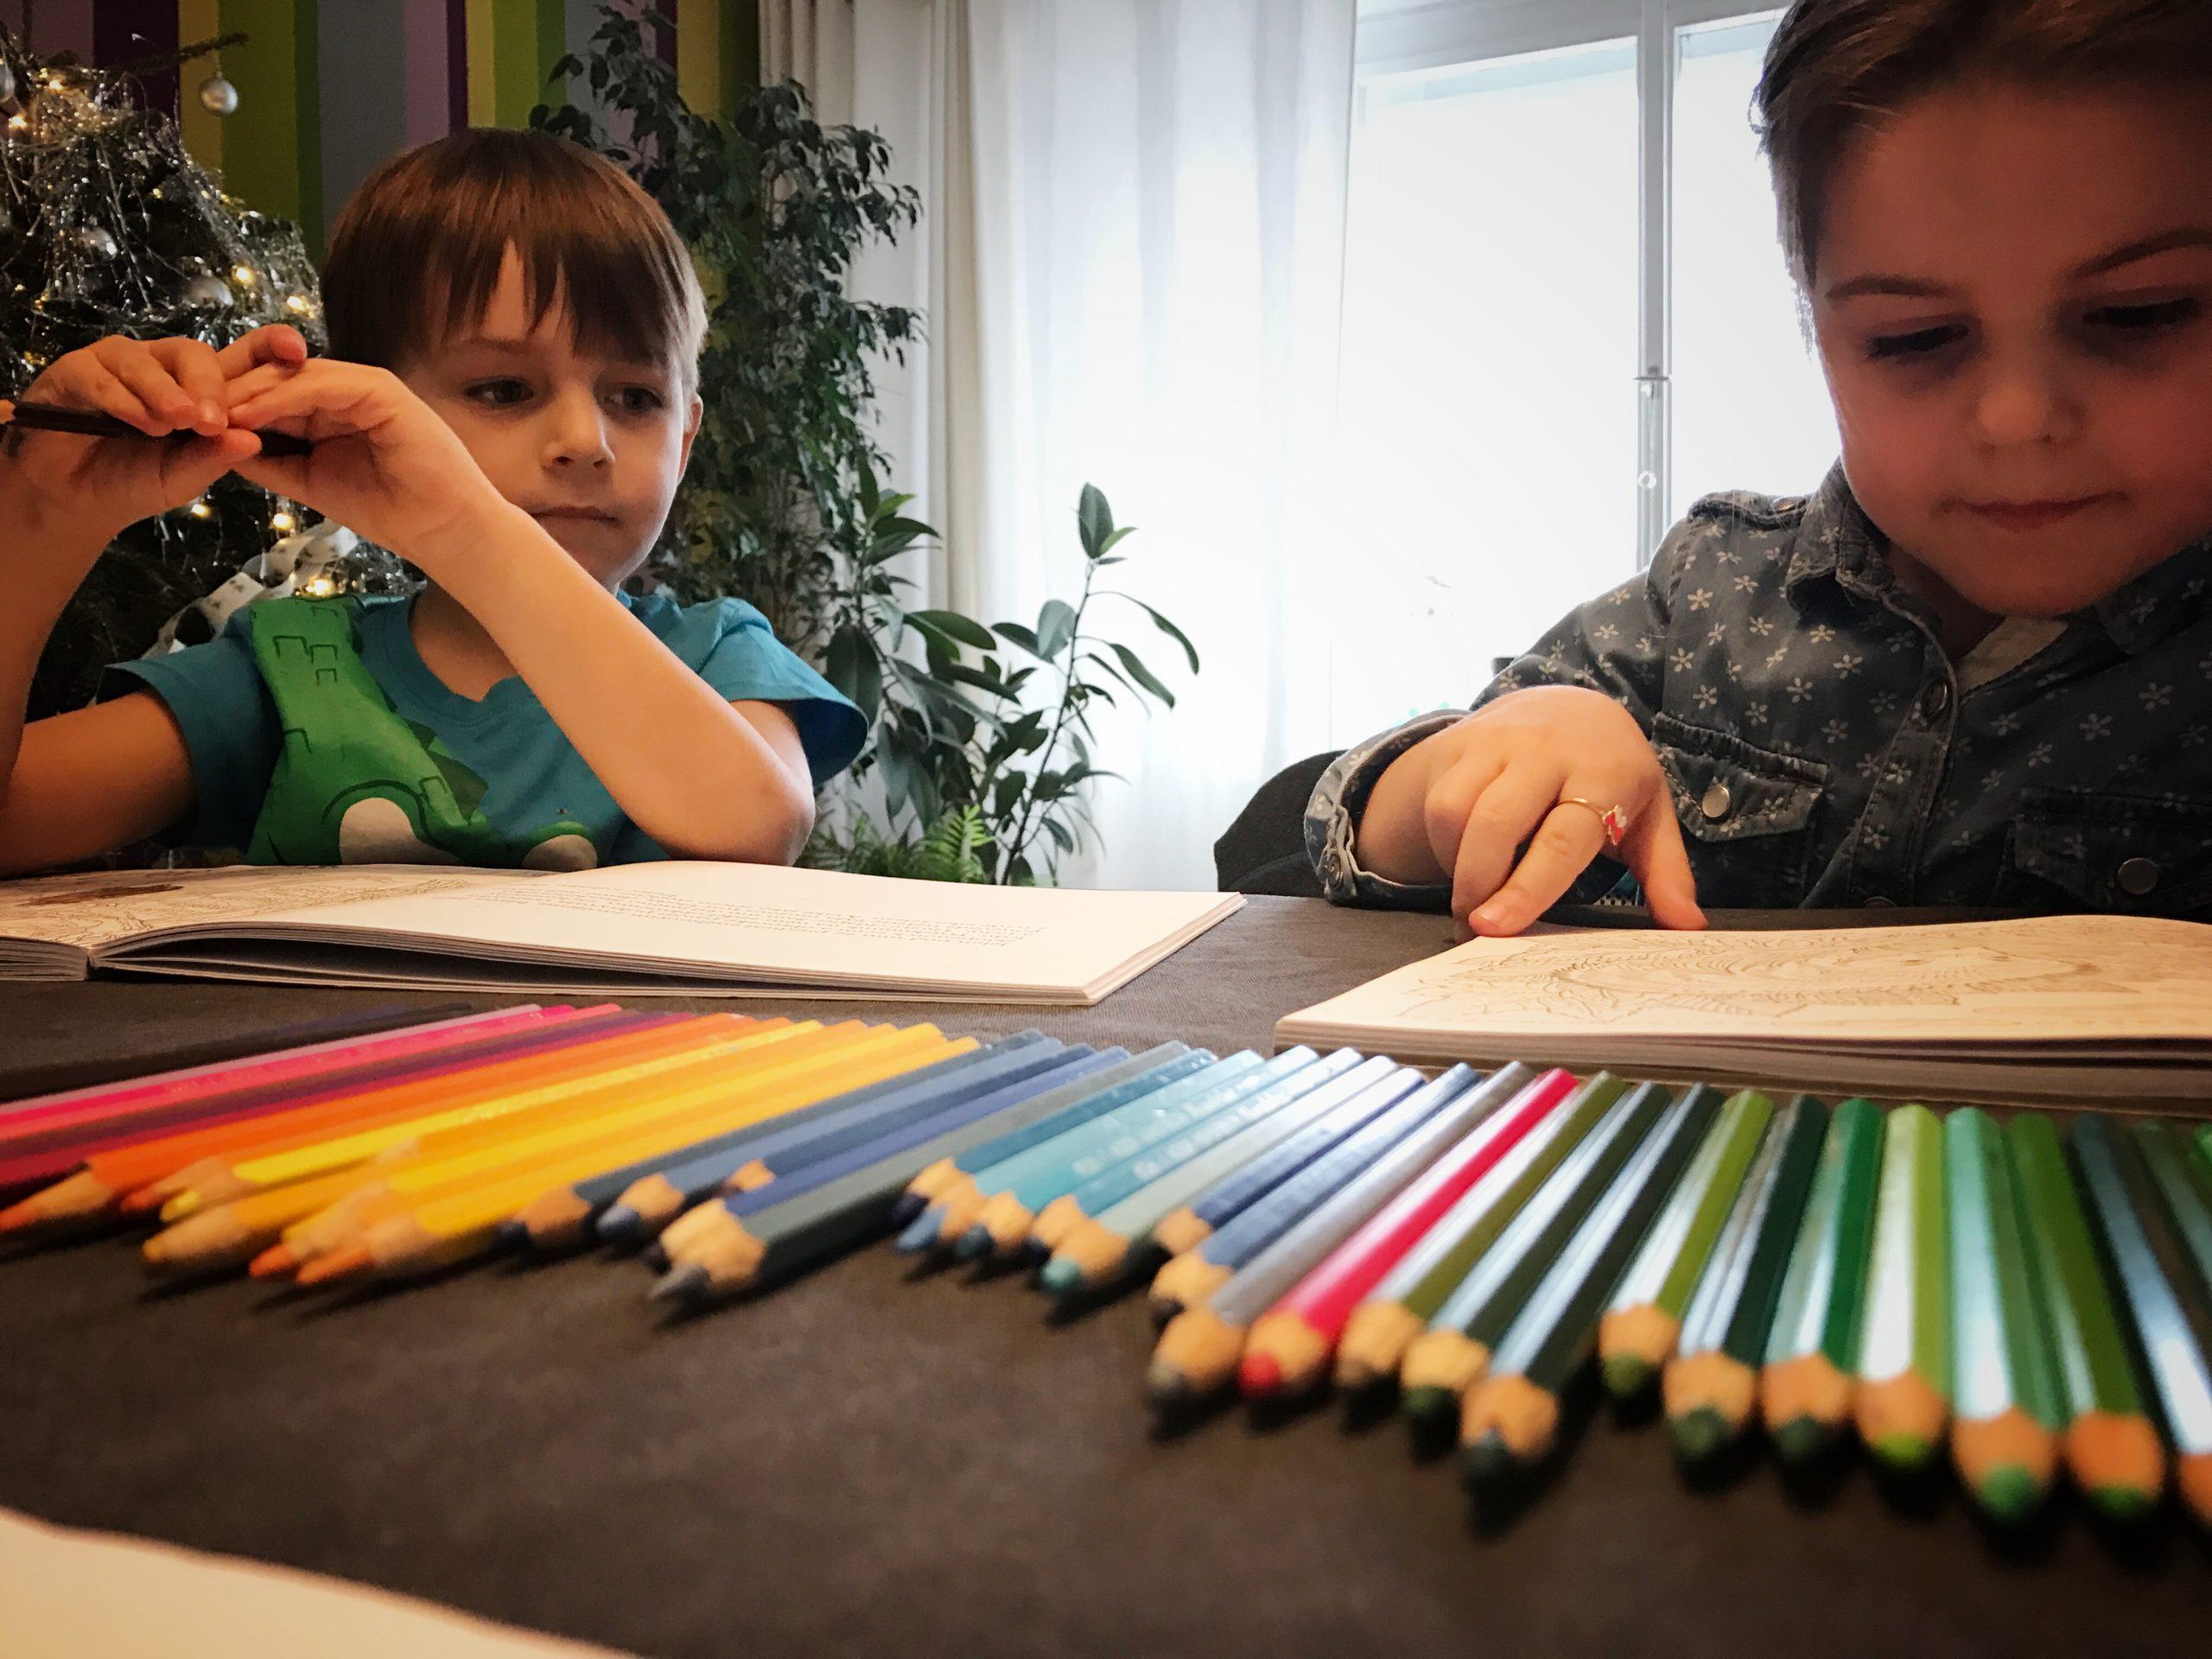 Posouzení školní zralosti ze strany mateřských škol komplikuje jarní uzavření školek, které nastalo loni a tento rok se opakuje.